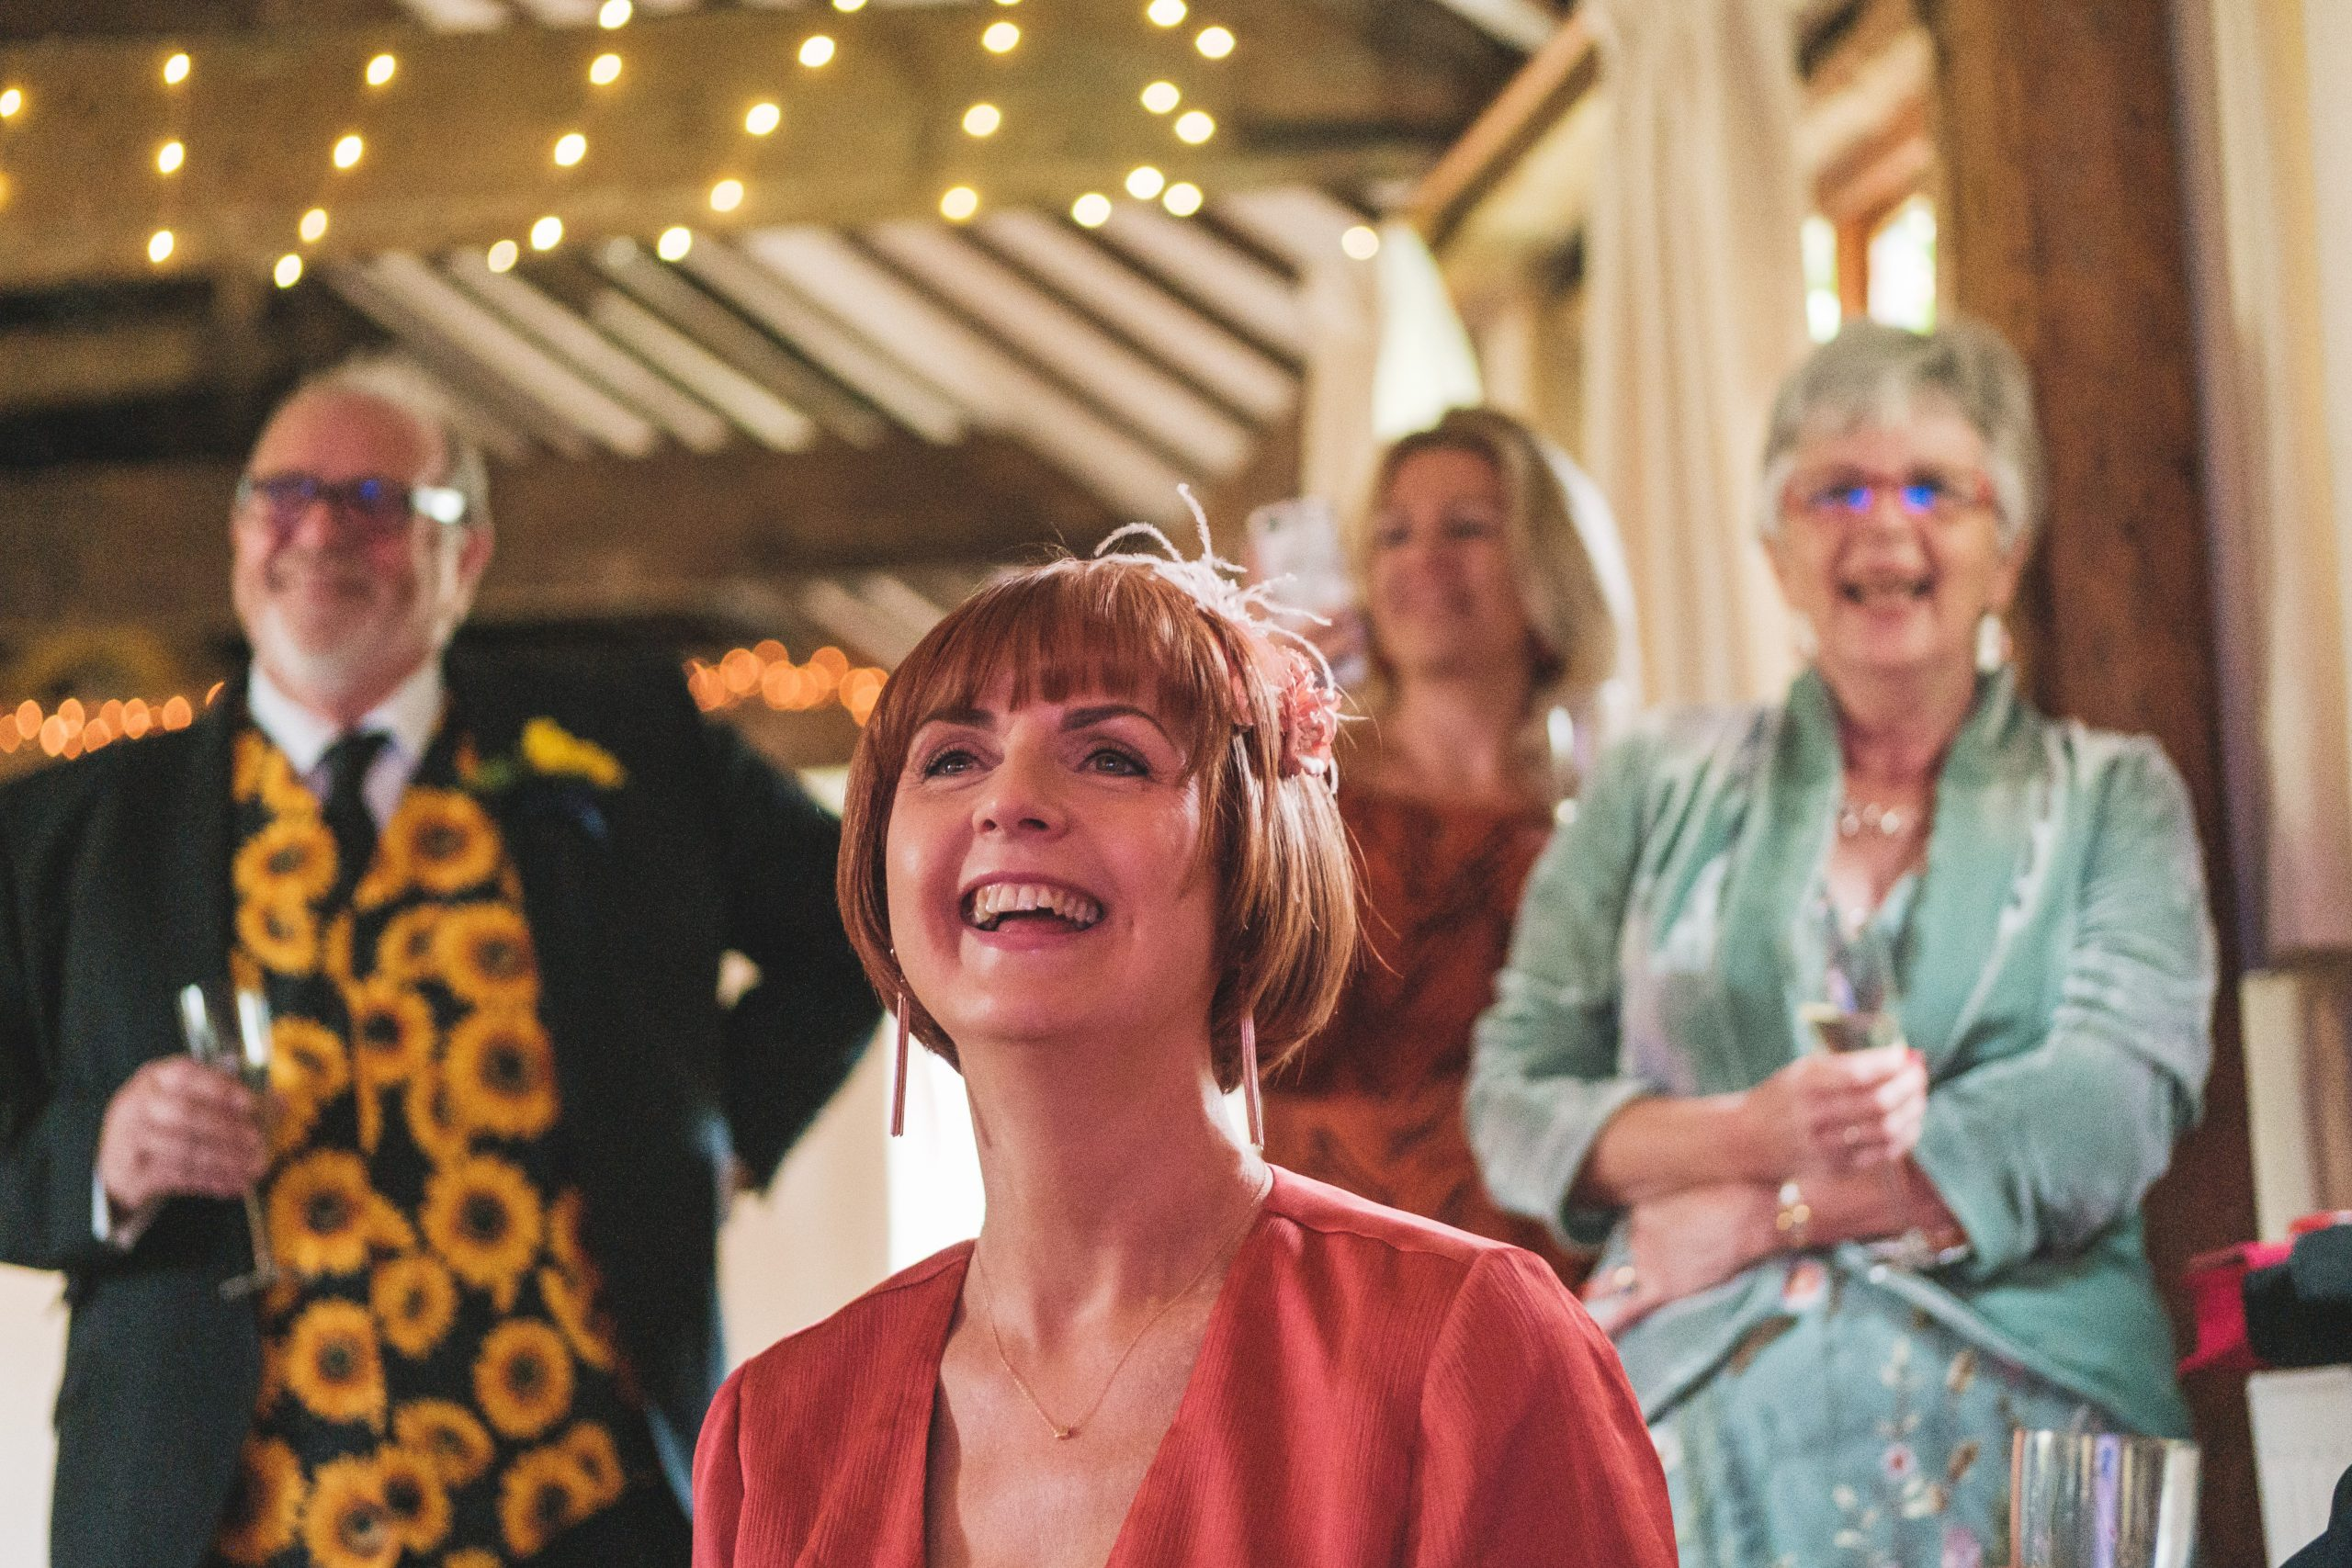 wedding speeches during an Essex wedding